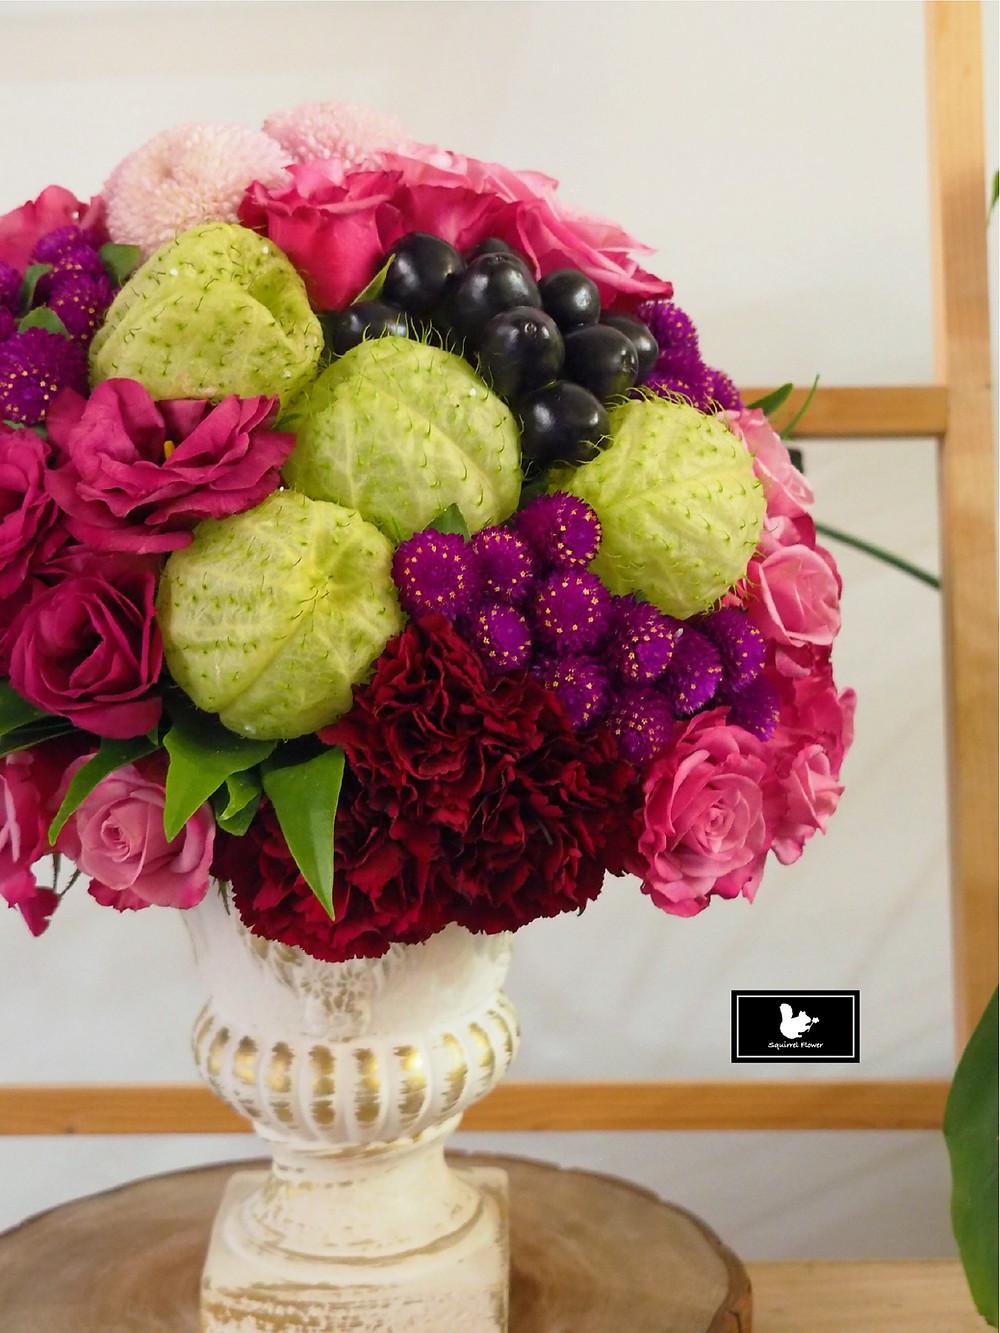 結構式組群盆花